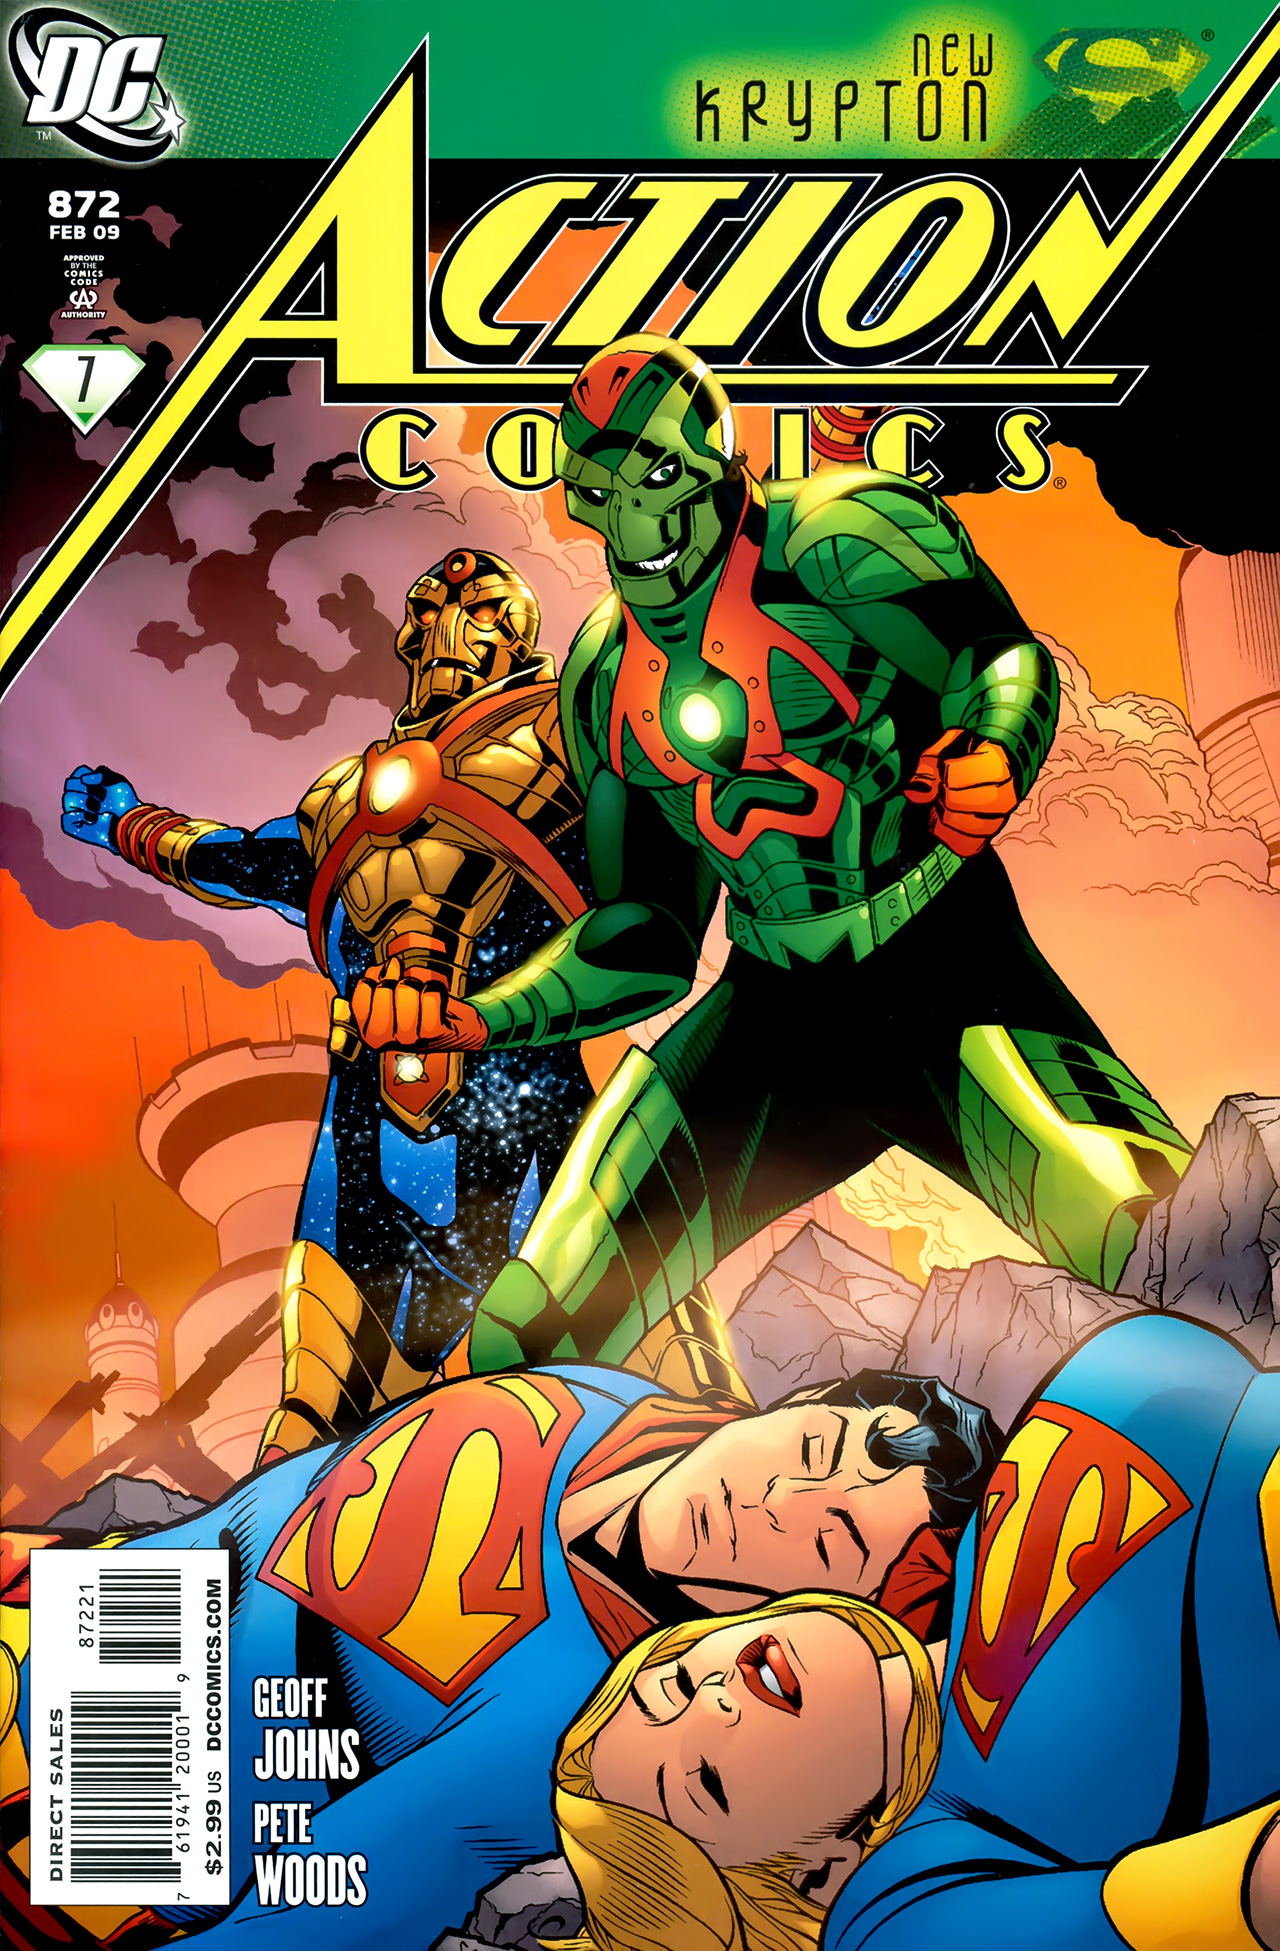 Action Comics Vol 1 872 Variant.jpg